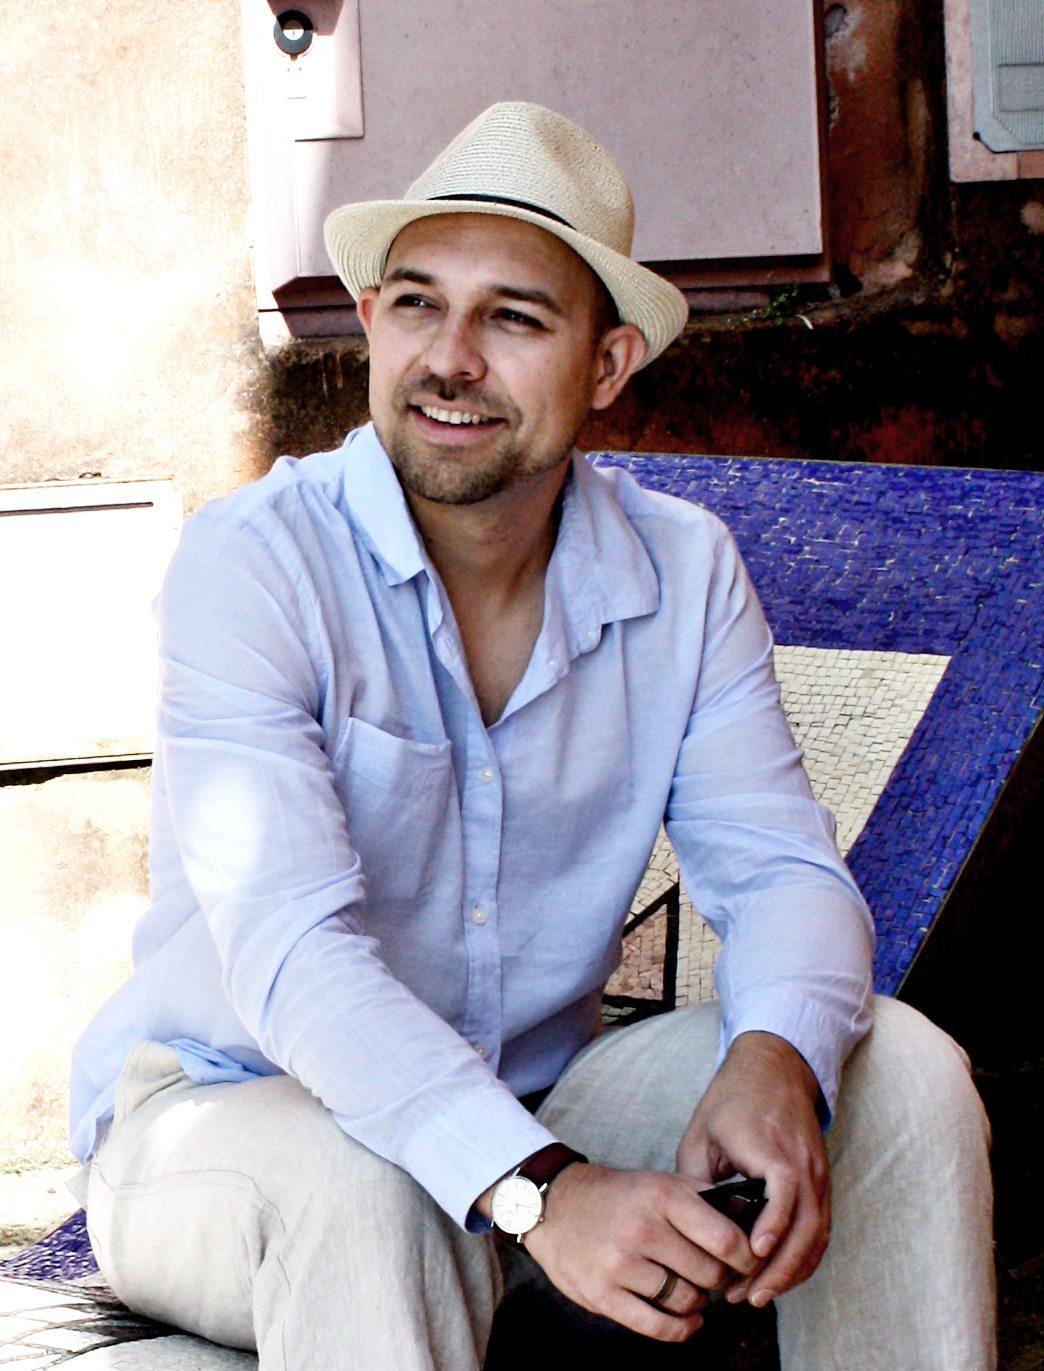 Filip Valica